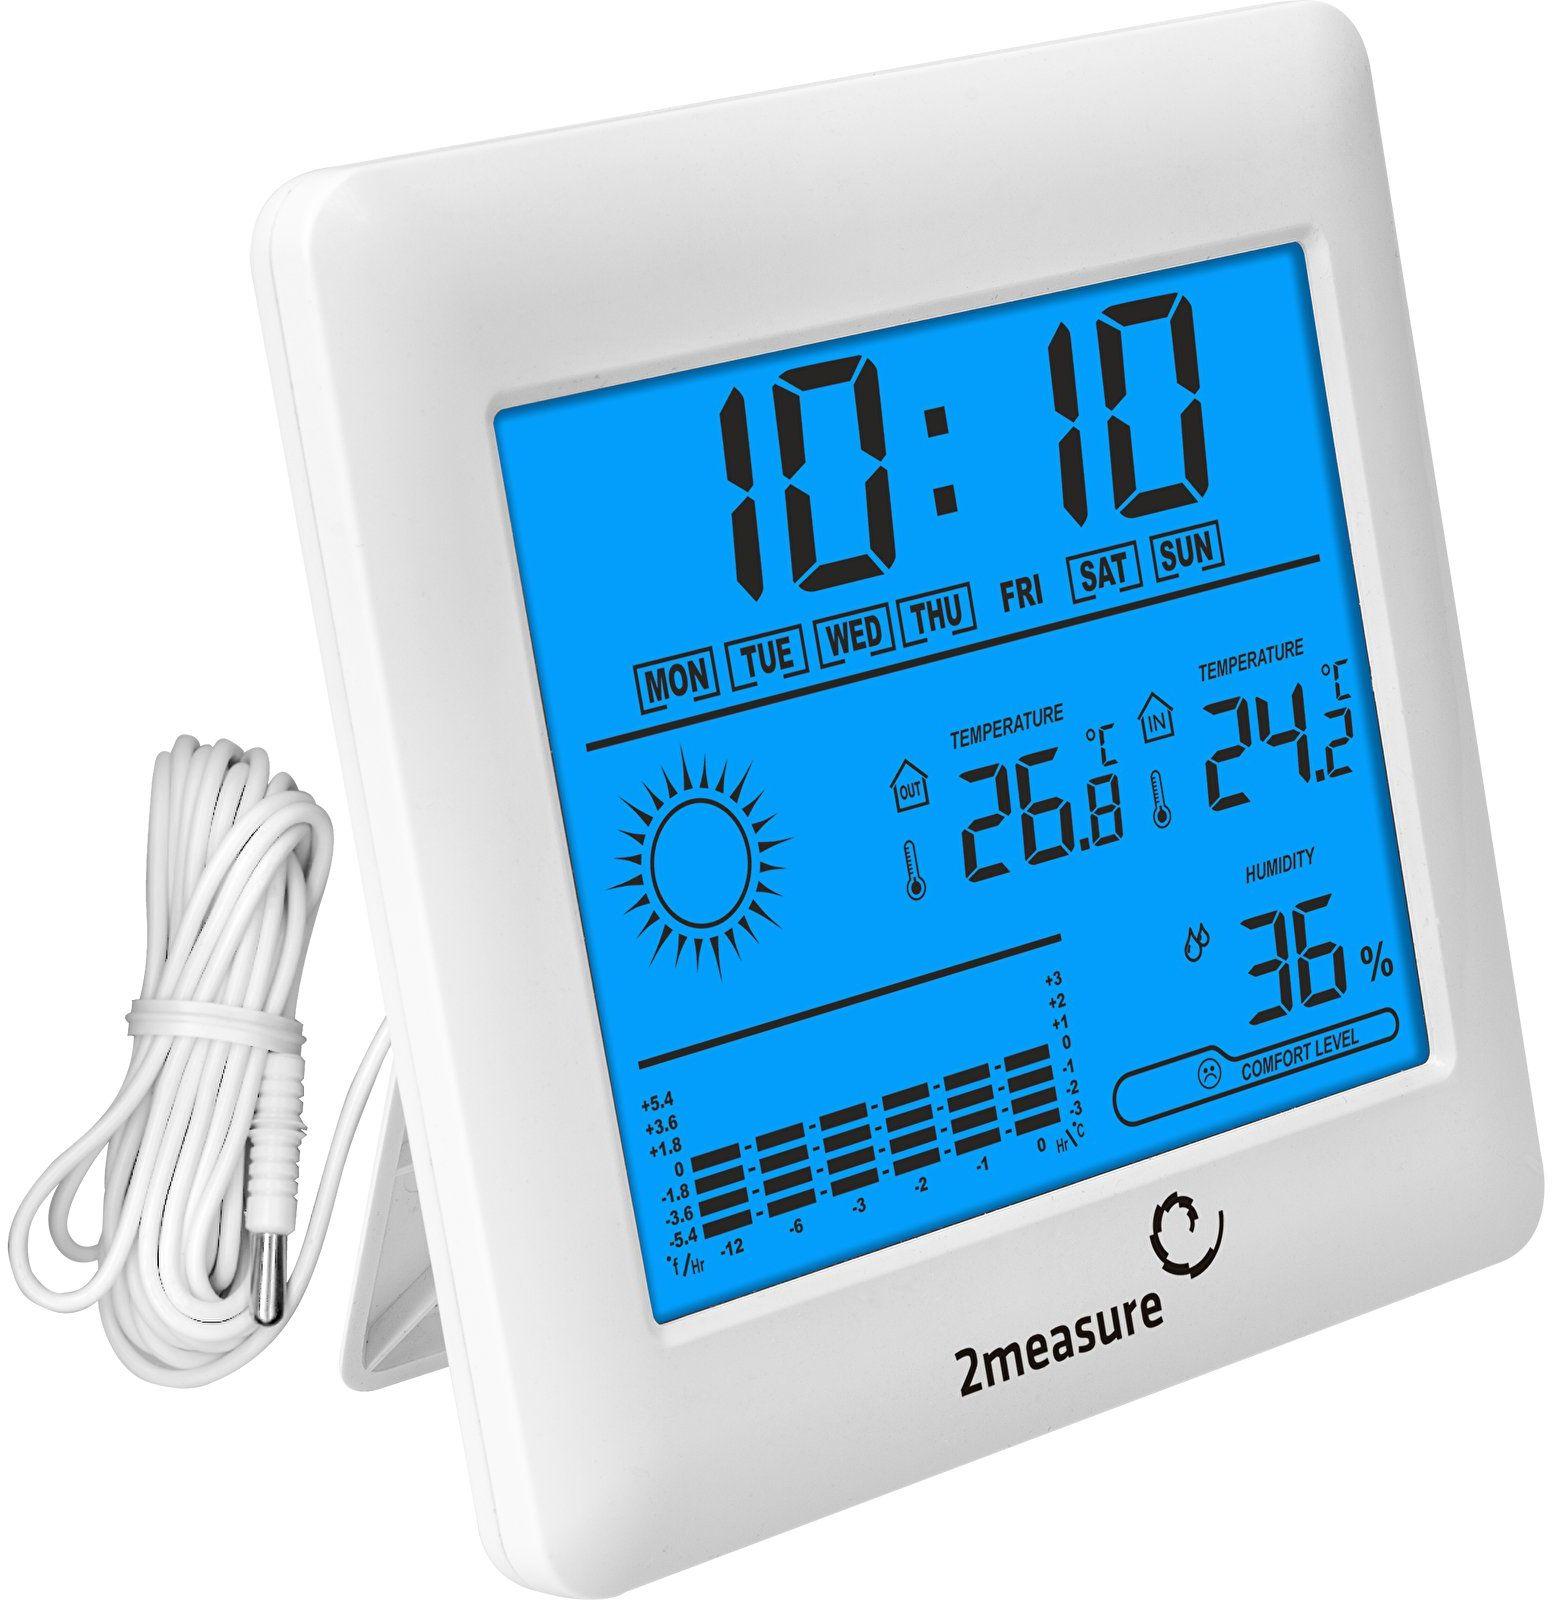 Stacja pogody - elektroniczna, sonda, termometr